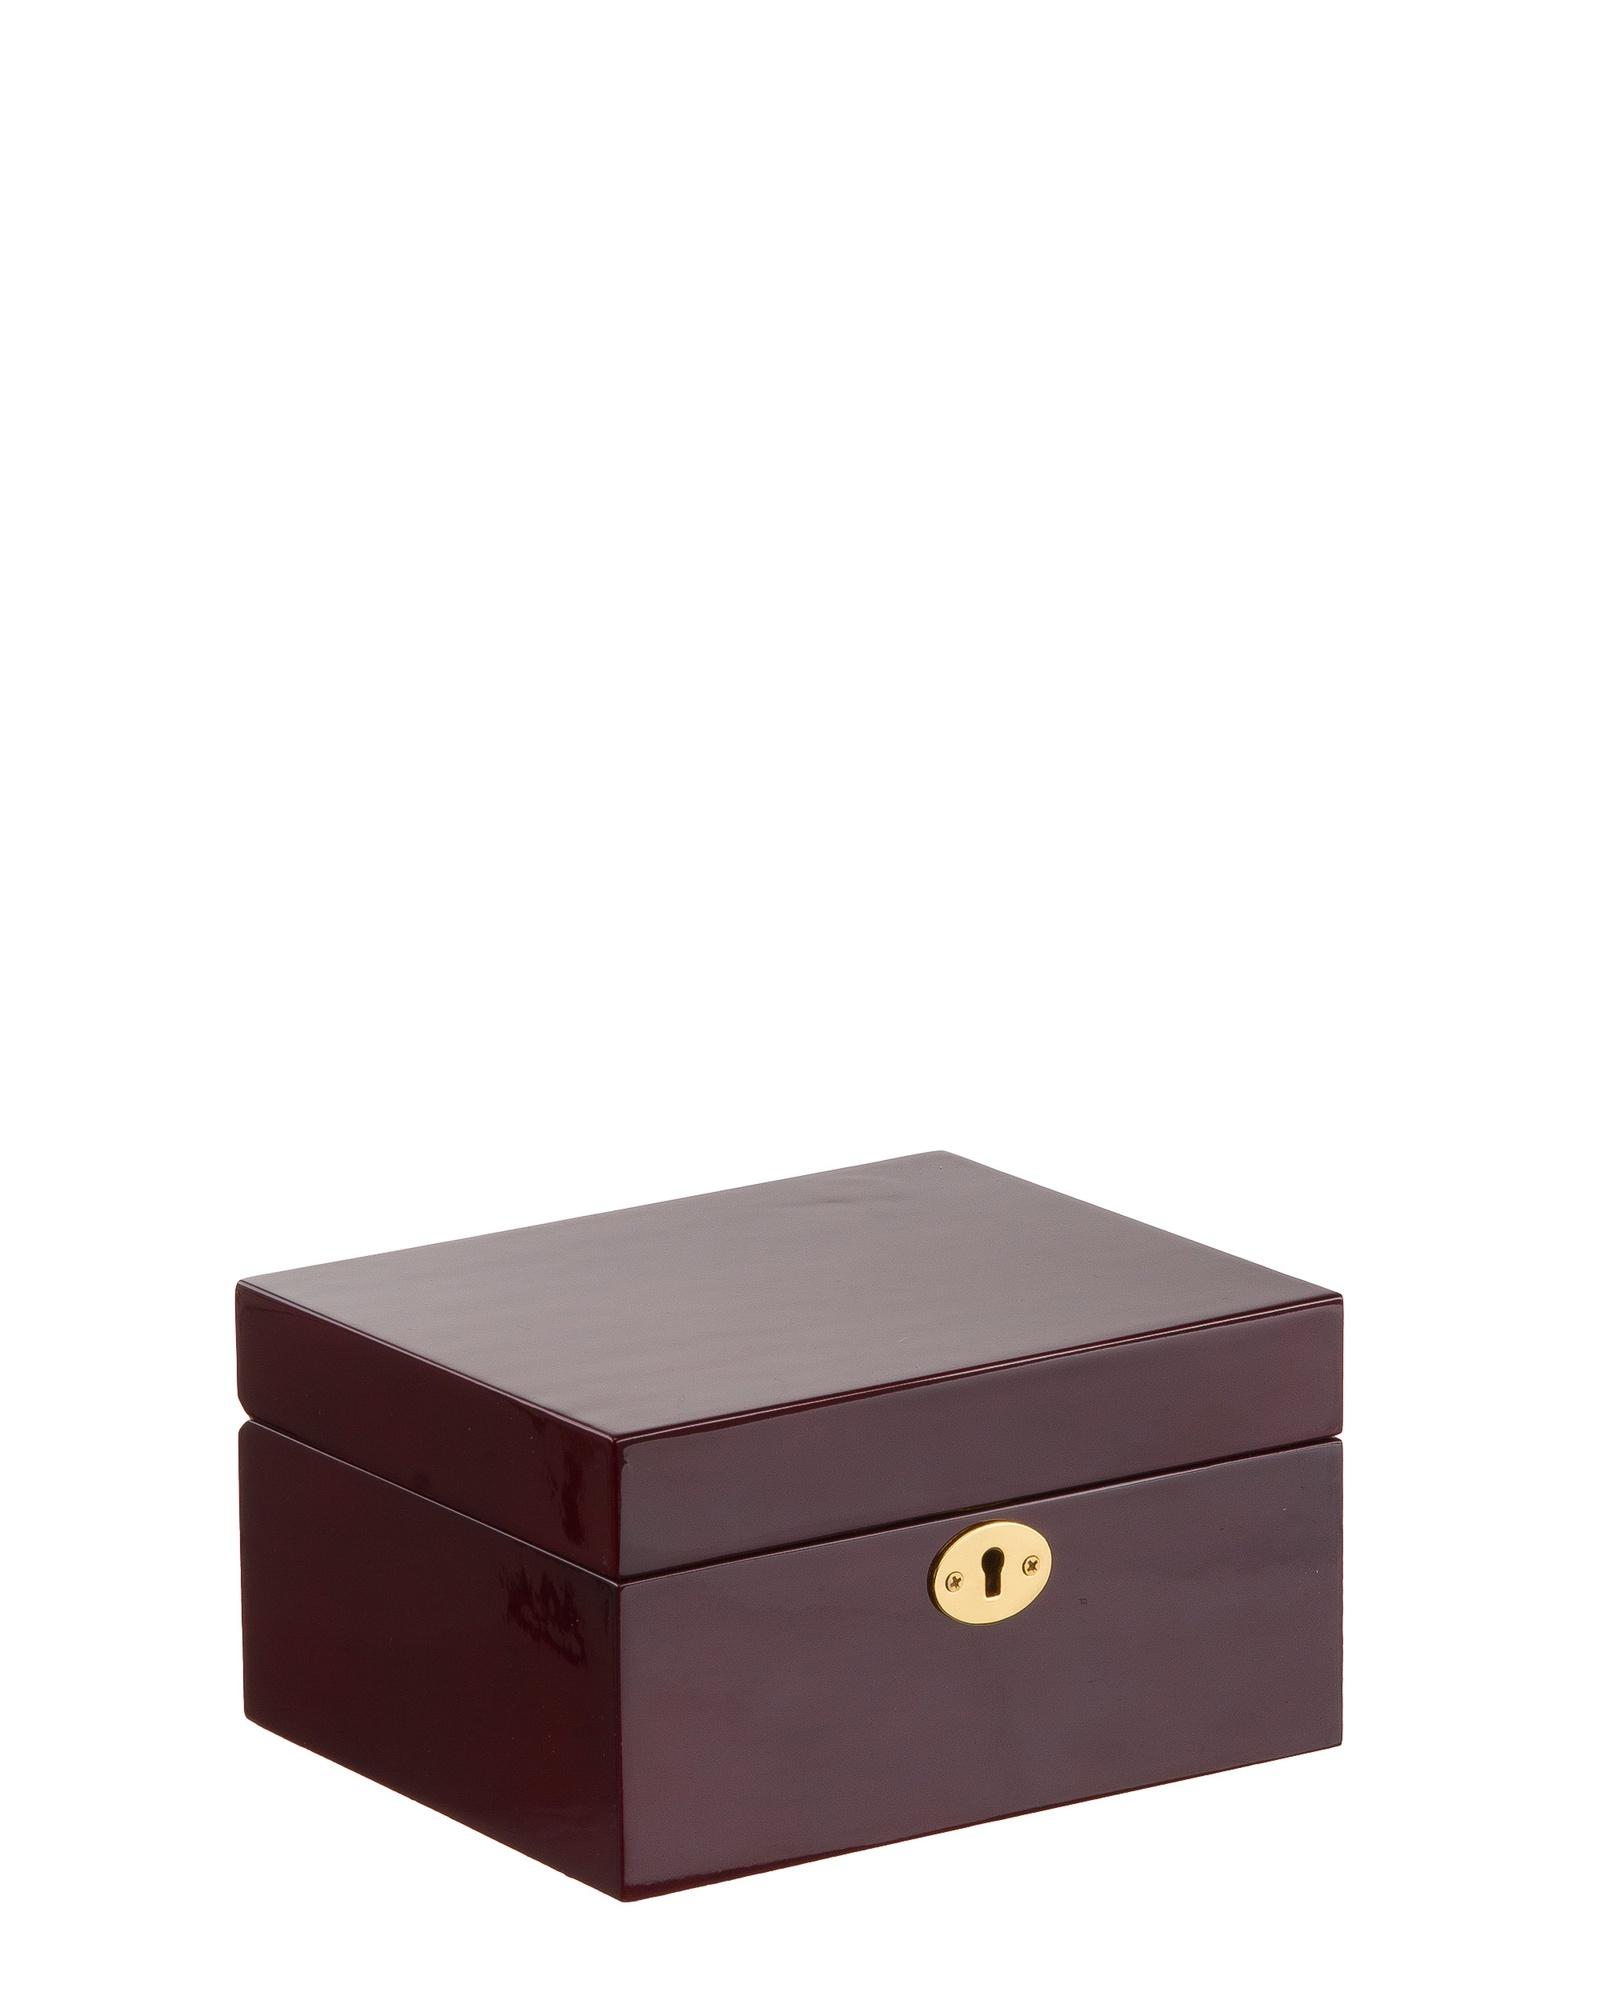 Шкатулка для украшений IsmatDecor, KPW-9107, коричневый подарок главному бухгалтеру на день рождения женщине